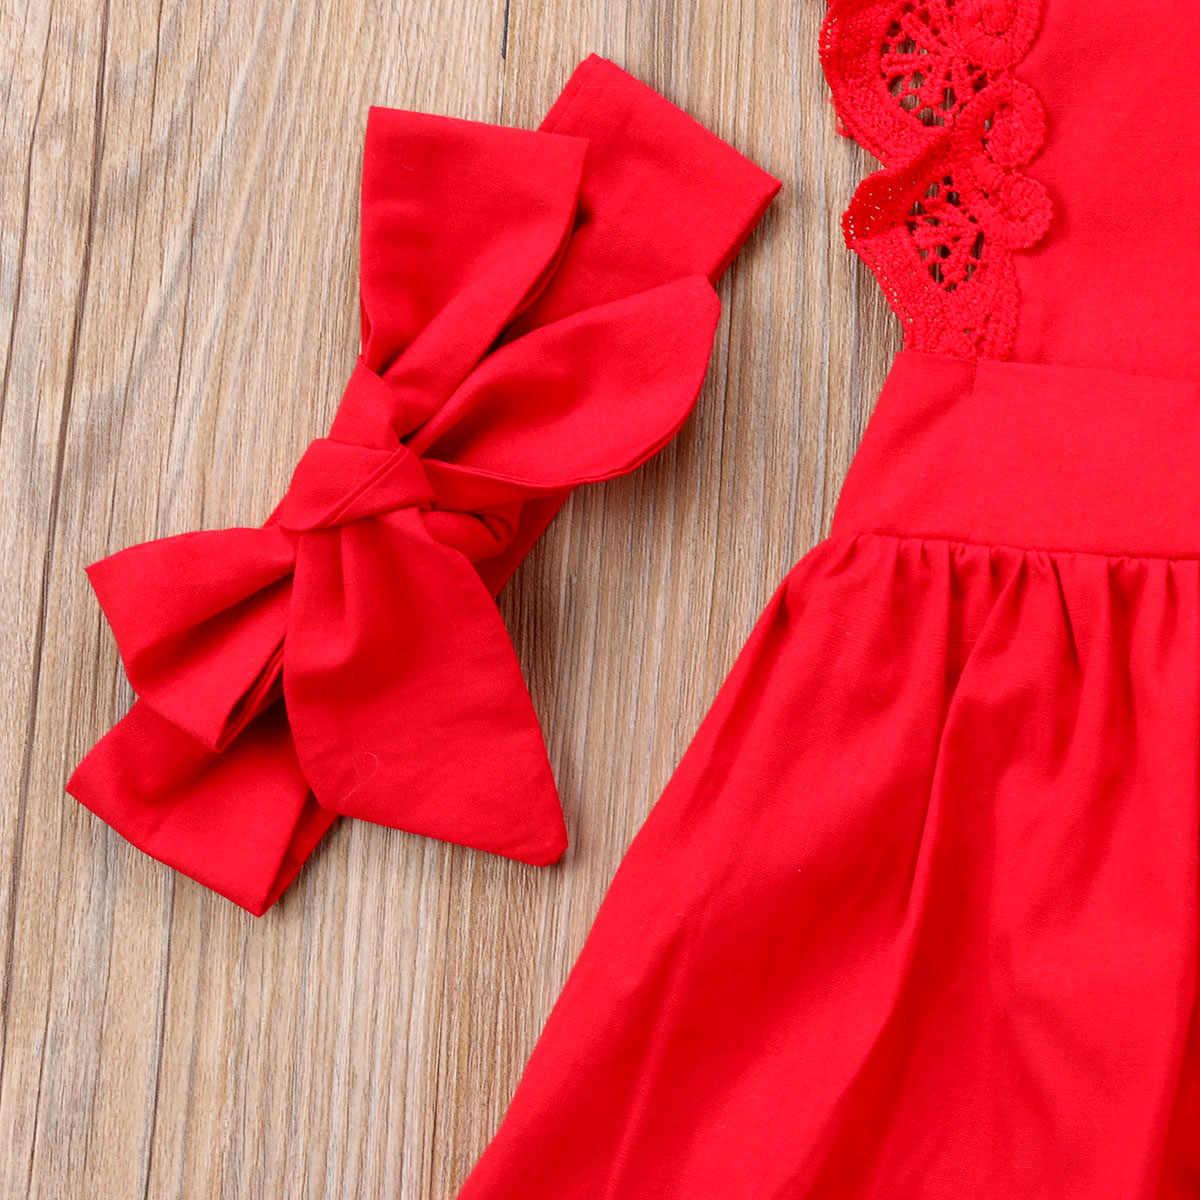 جديد وصول عيد الميلاد كشكش الأحمر الدانتيل رومبير فستان طفل الفتيات شقيقة الأميرة مجموعة عصابات رأس حفل زفاف الاطفال فساتين للفتيات